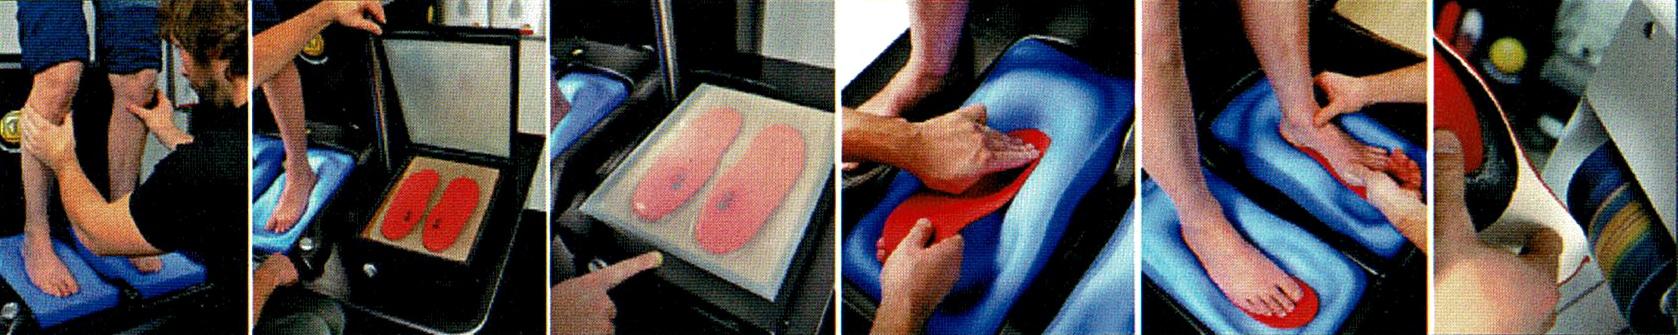 bilan podologique - épine cananéenne - semelle orthopédique - semelles orthopédiques - sur-mesure - douleurs talon - épine lenoir